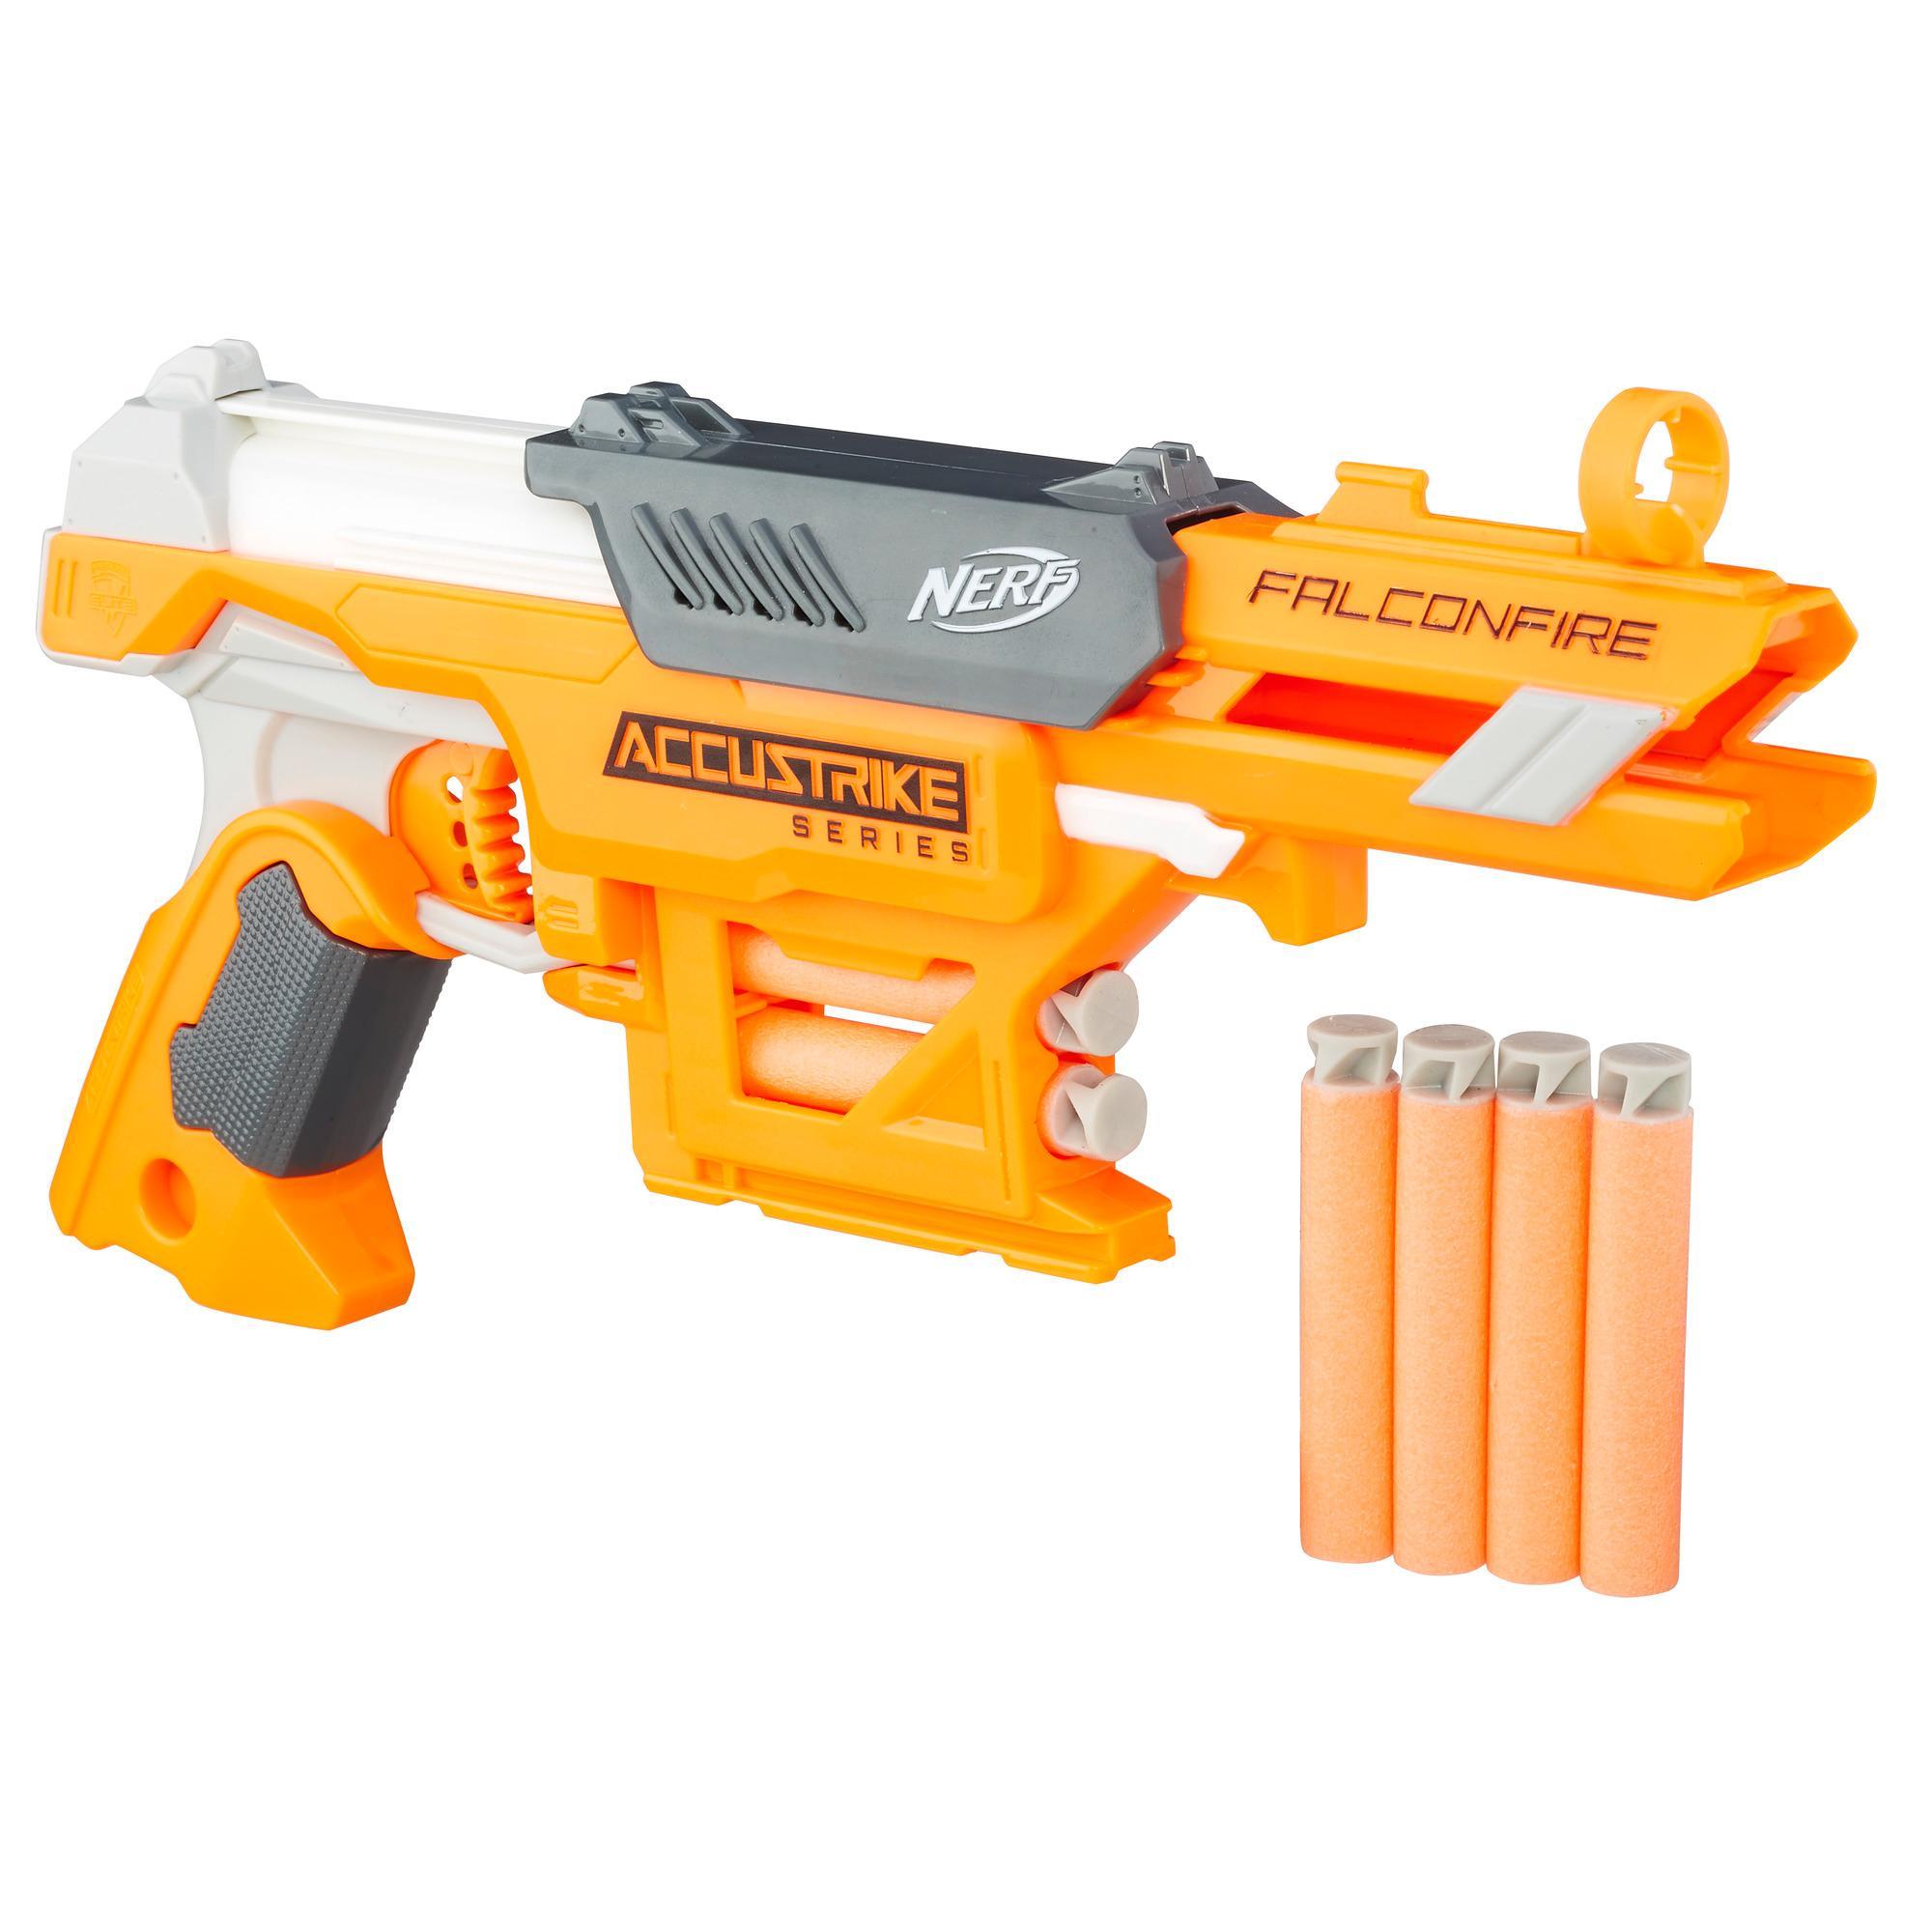 Nerf Accustrike Falconfire Kilövő